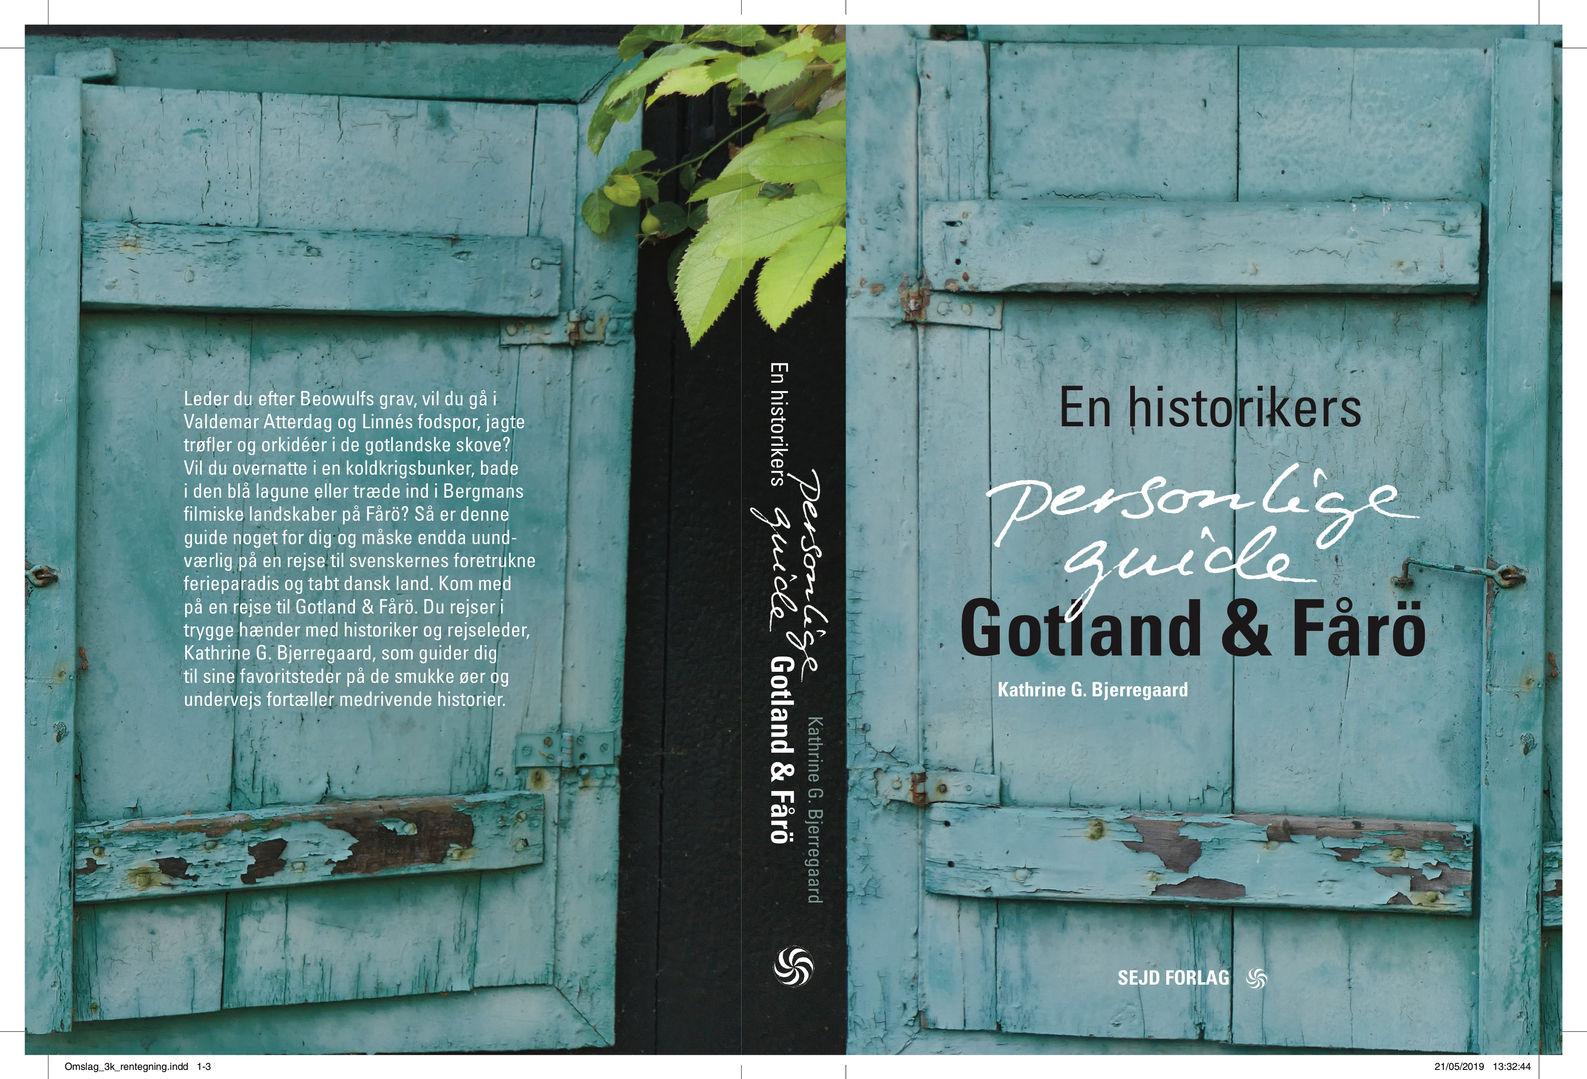 For- og bagside på min guidebog om Gotland og Fårö - to svenske øer i Østersøen!